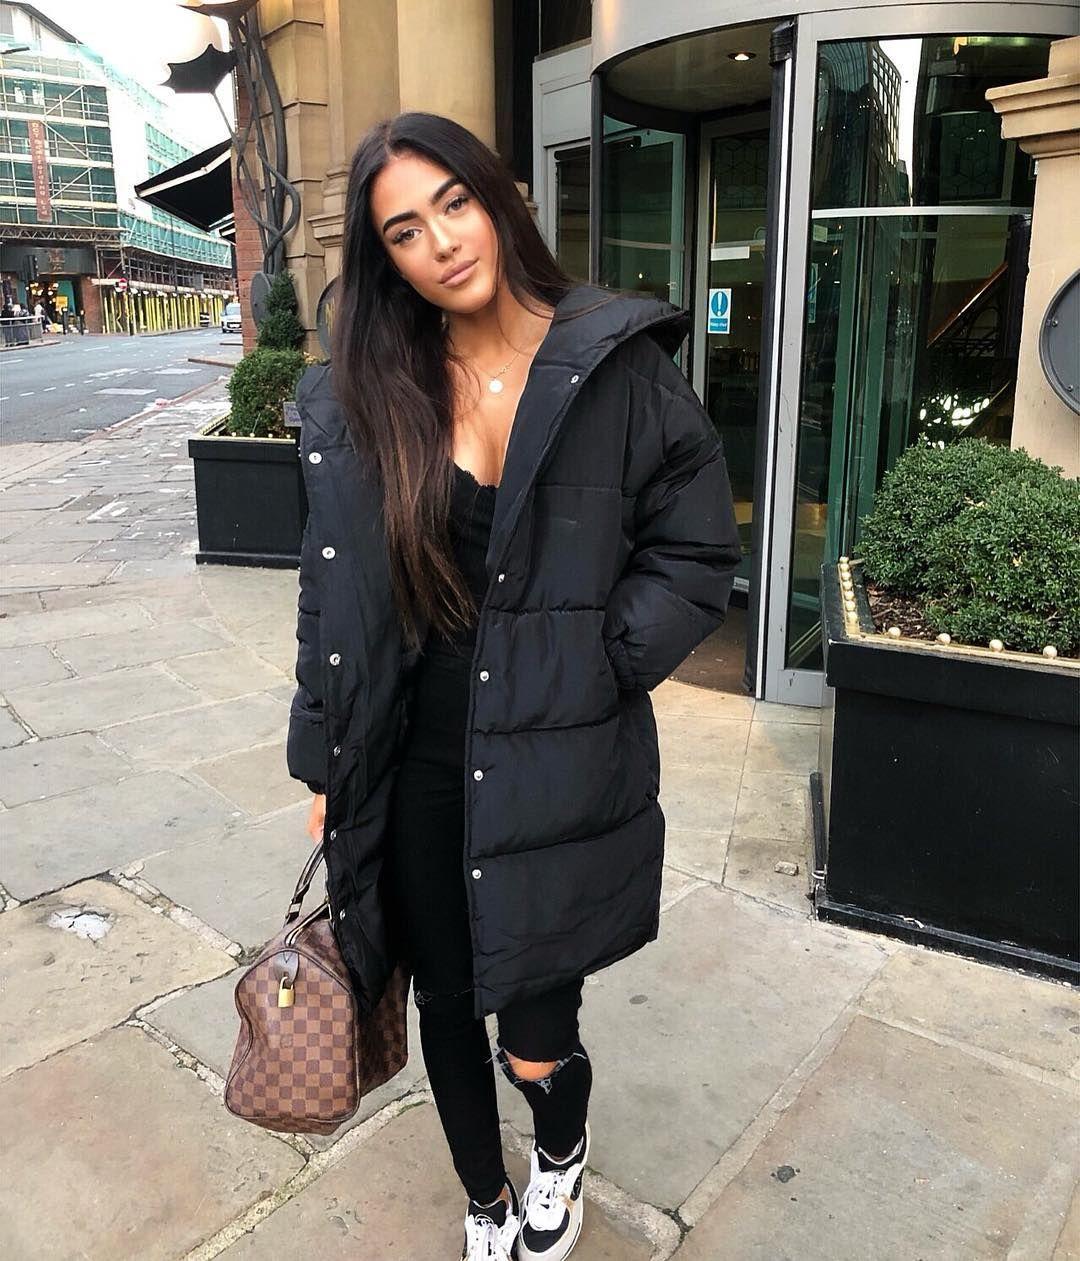 """b8212f6c6d Roxana Rosu on Instagram: """"Day out in Leeeeeeeds wearing @boohoo coat 😇  #doyourthing #ad"""""""